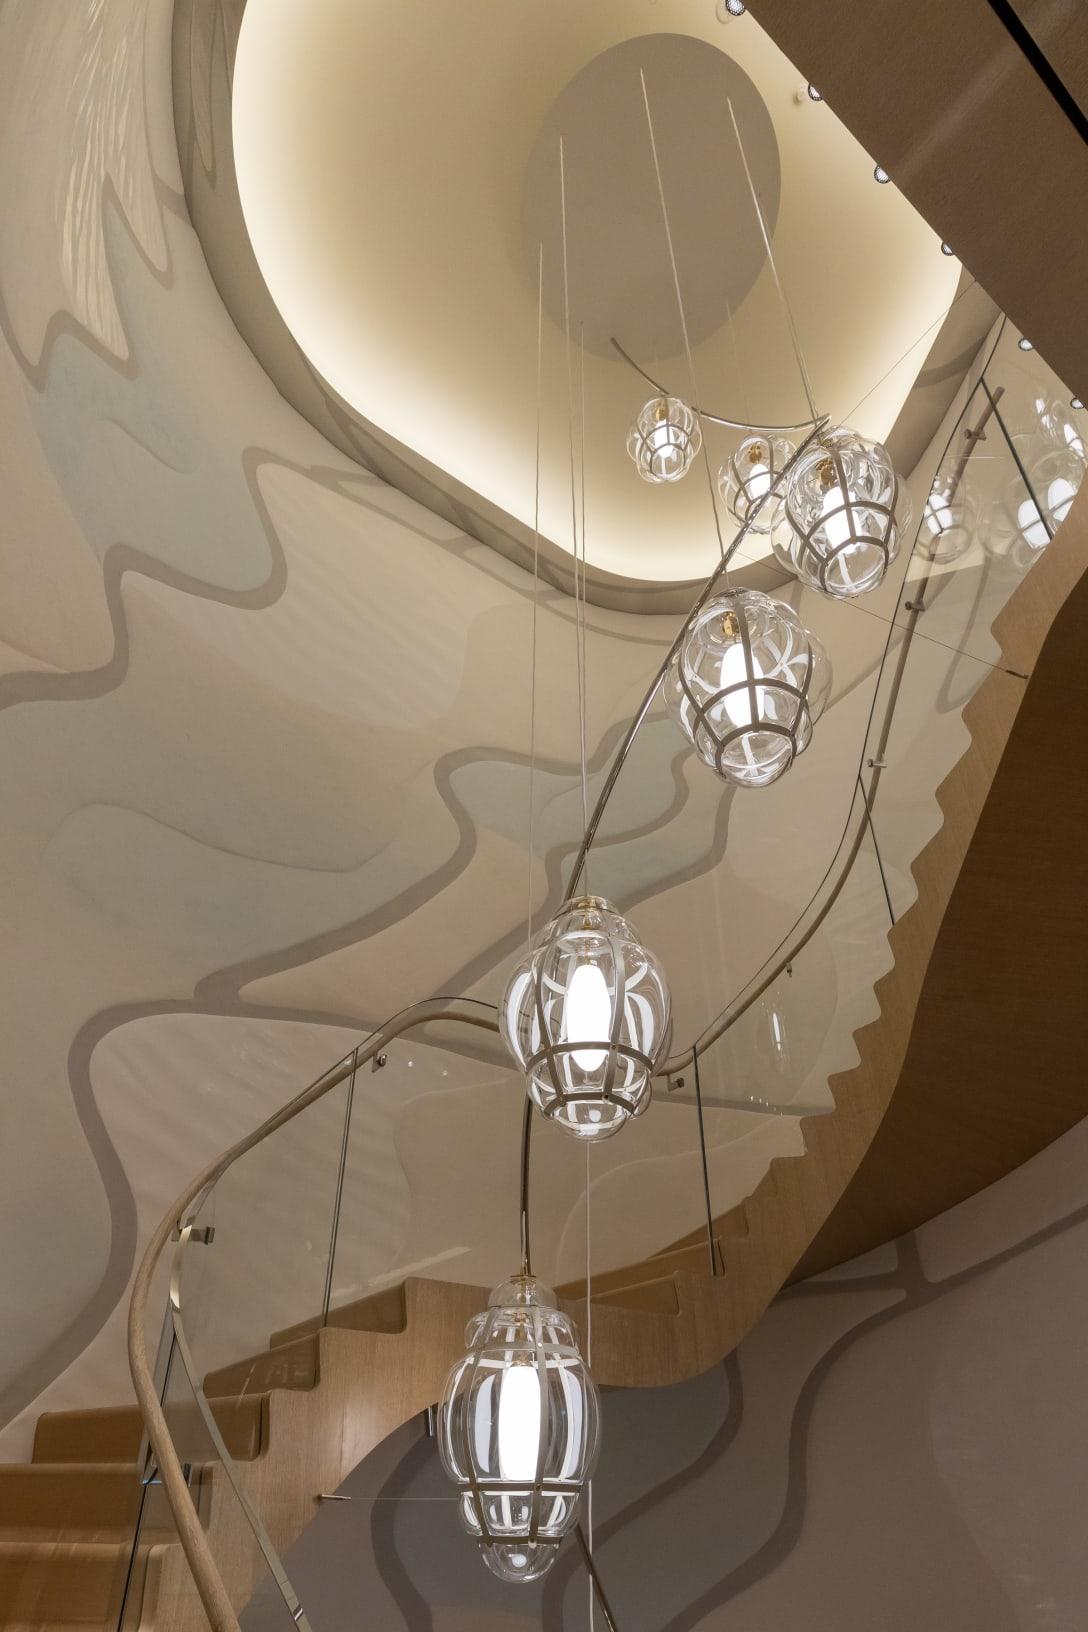 藤村喜美子の作品「Wave Blue Line」を石膏で表現した2階から4階のフィーチャーウォール Image by FASHIONSNAP.COM